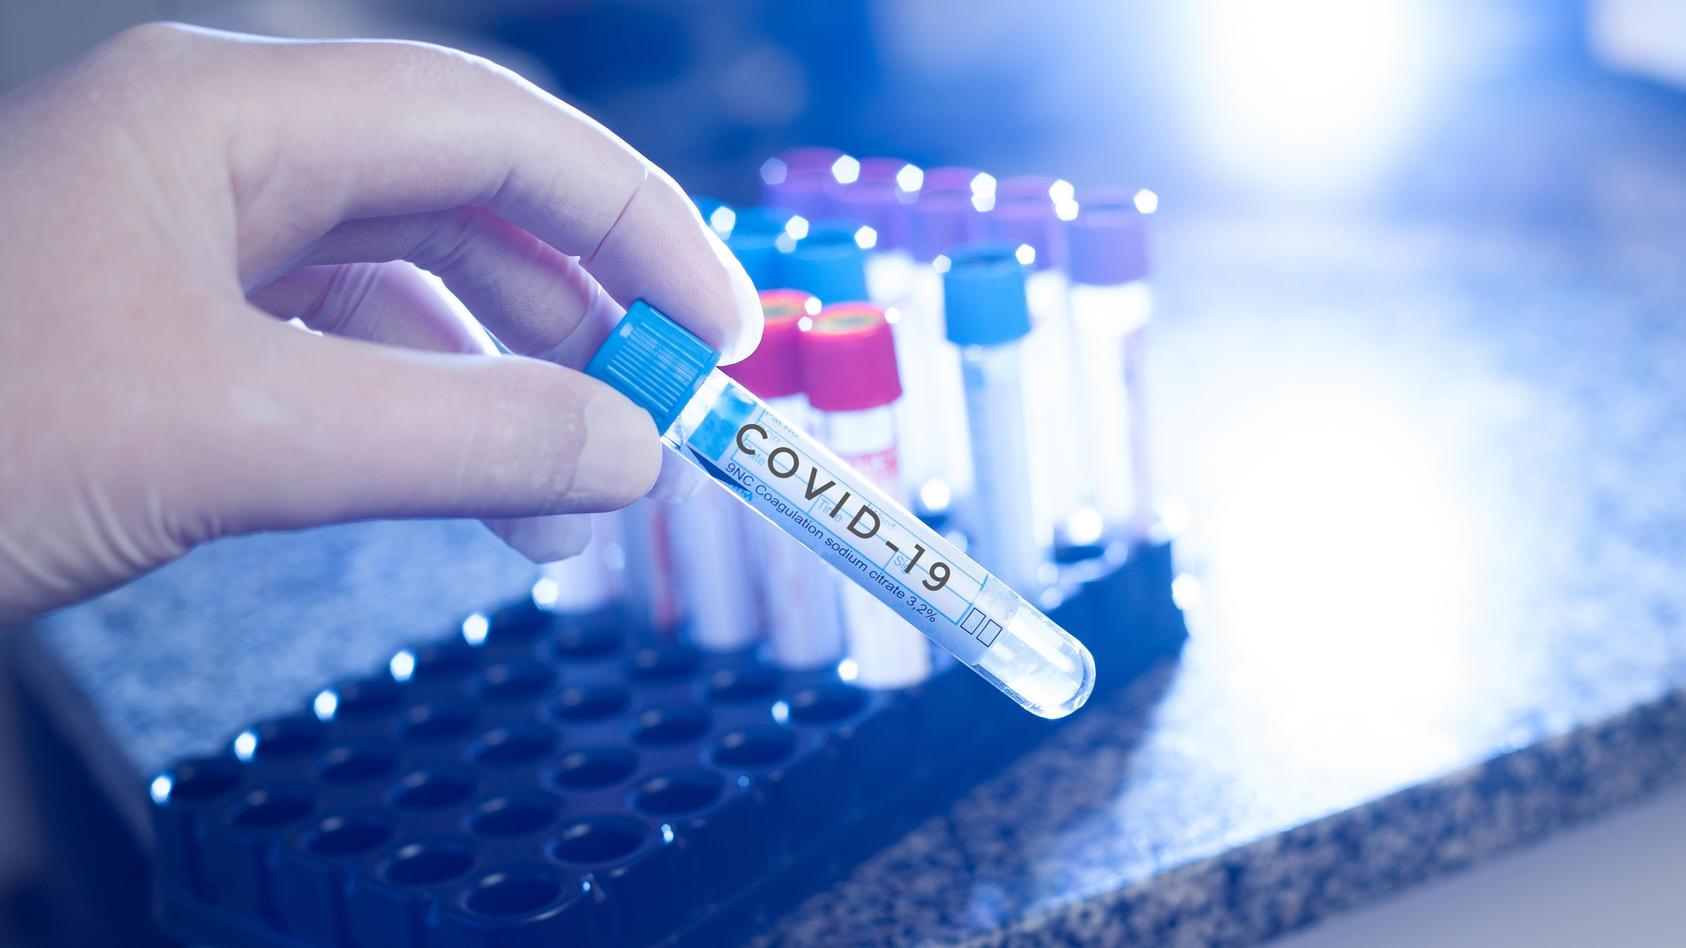 Wissenschaftler fordern neue Strategie im Kampf gegen die Corona-Pandemie